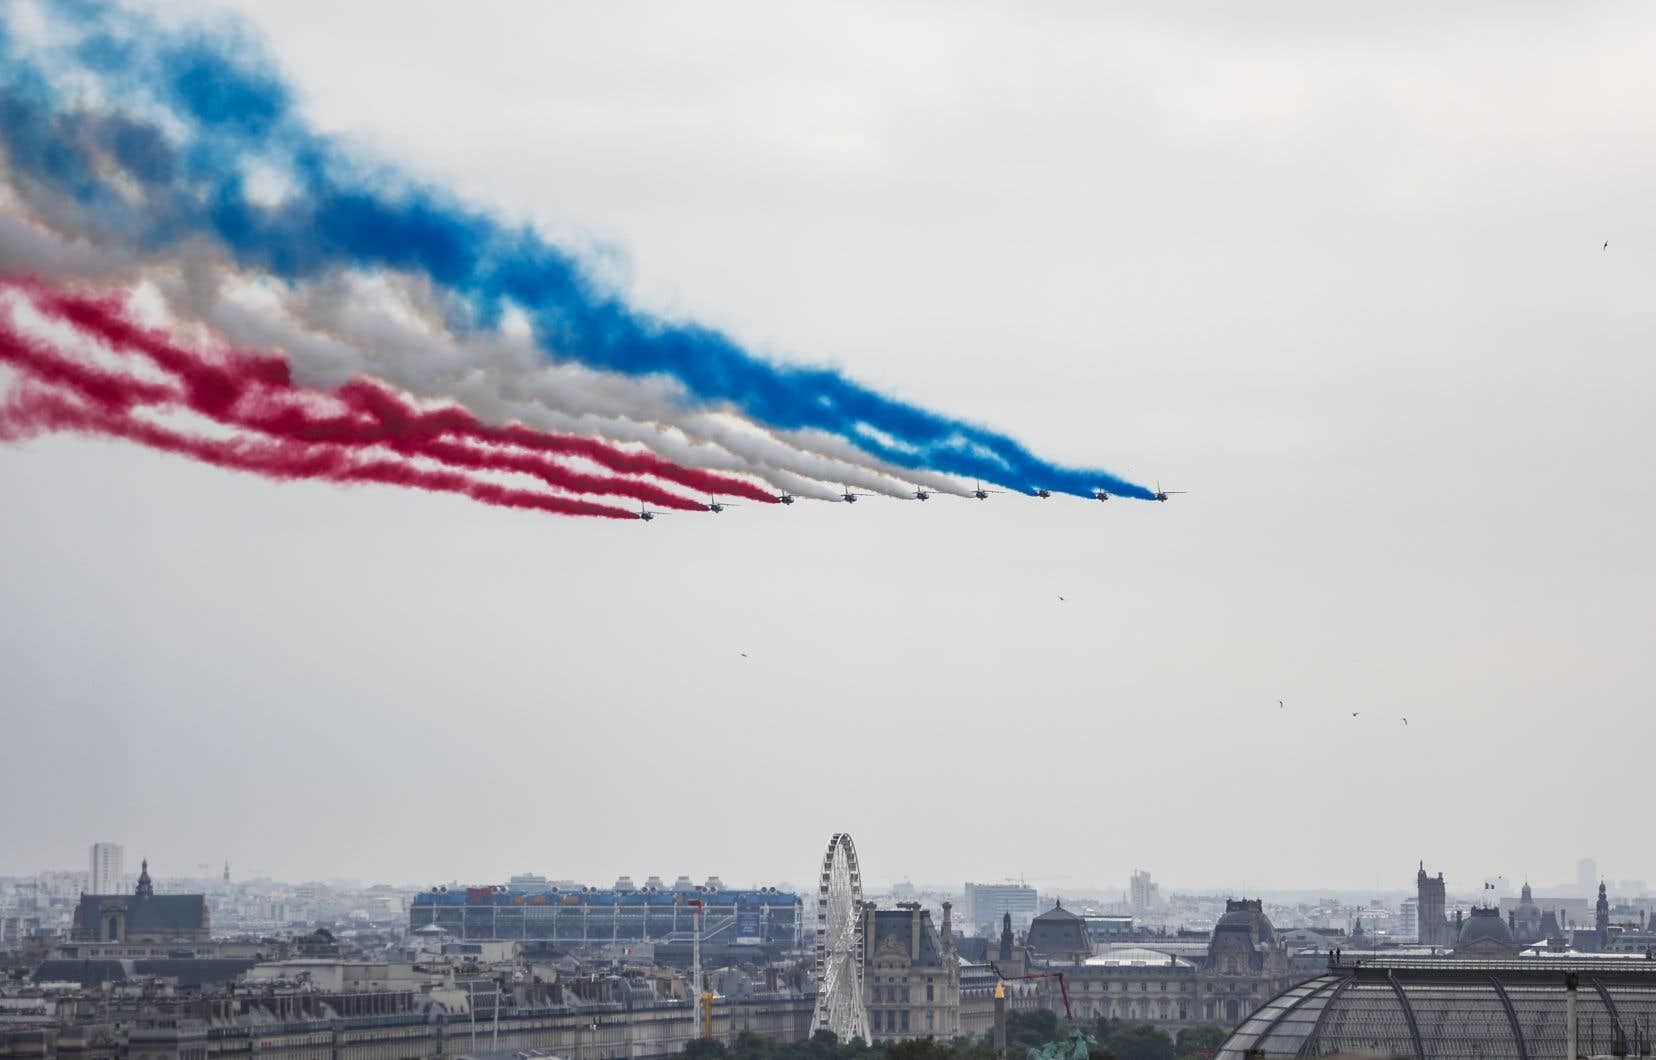 <p>Le défilé aérien, ouvert par l'emblématique panache de fumigènes bleu-blanc-rouge de la Patrouille de France, intégrait un avion de transport A400M allemand et un C130 espagnol.</p>